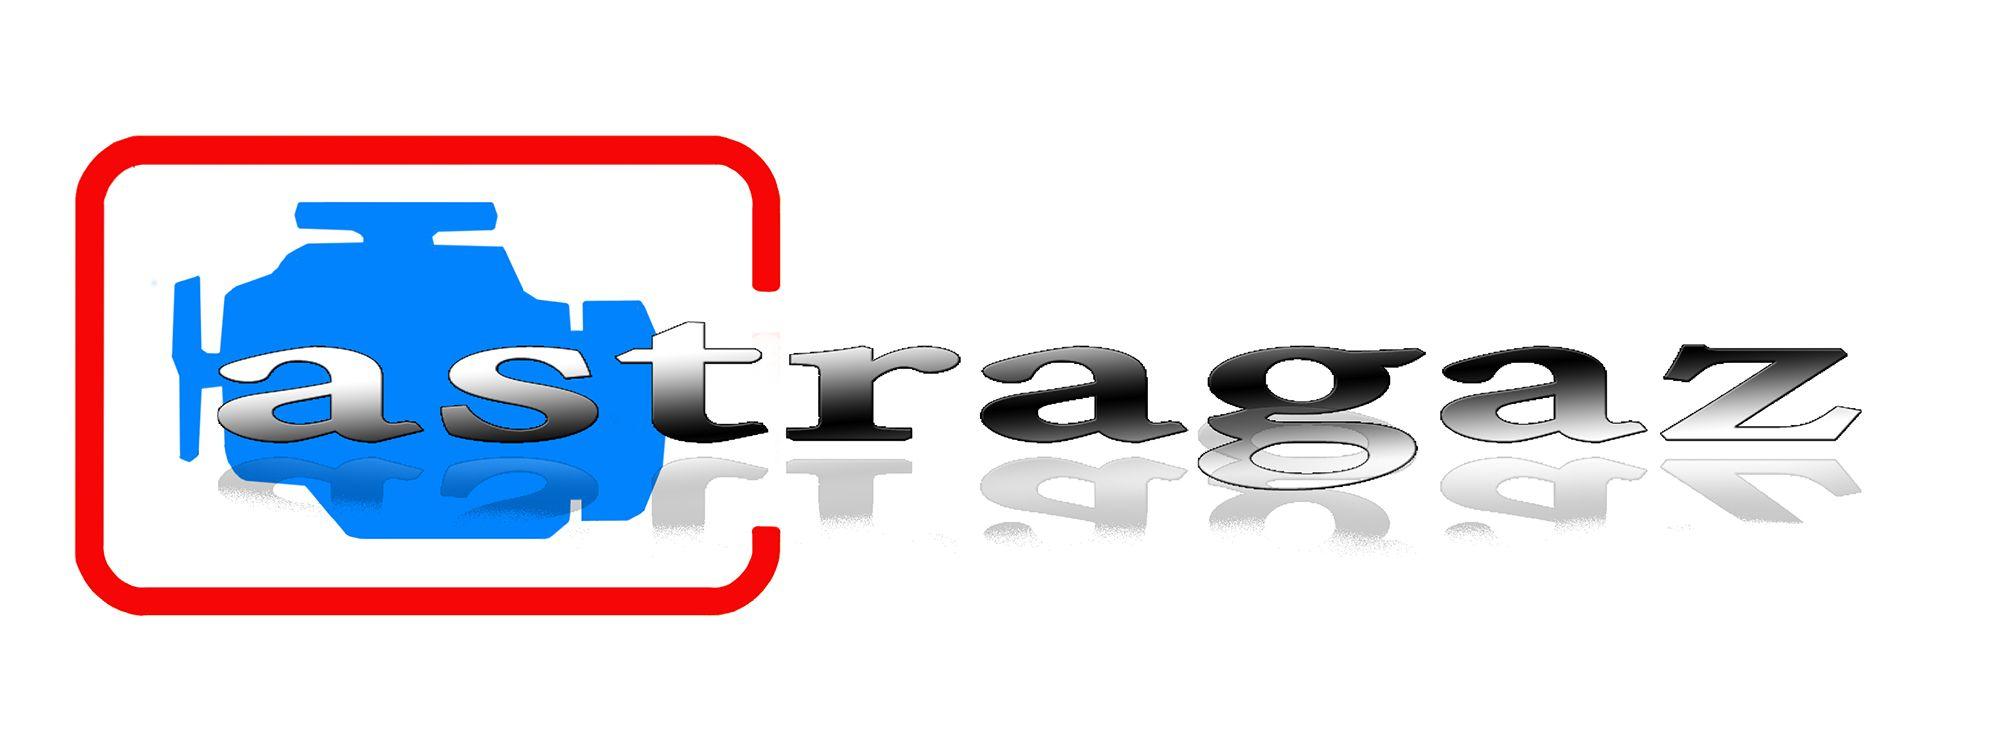 Лого и фирменный стиль для автосервиса - дизайнер Andrey_Kuzmin84